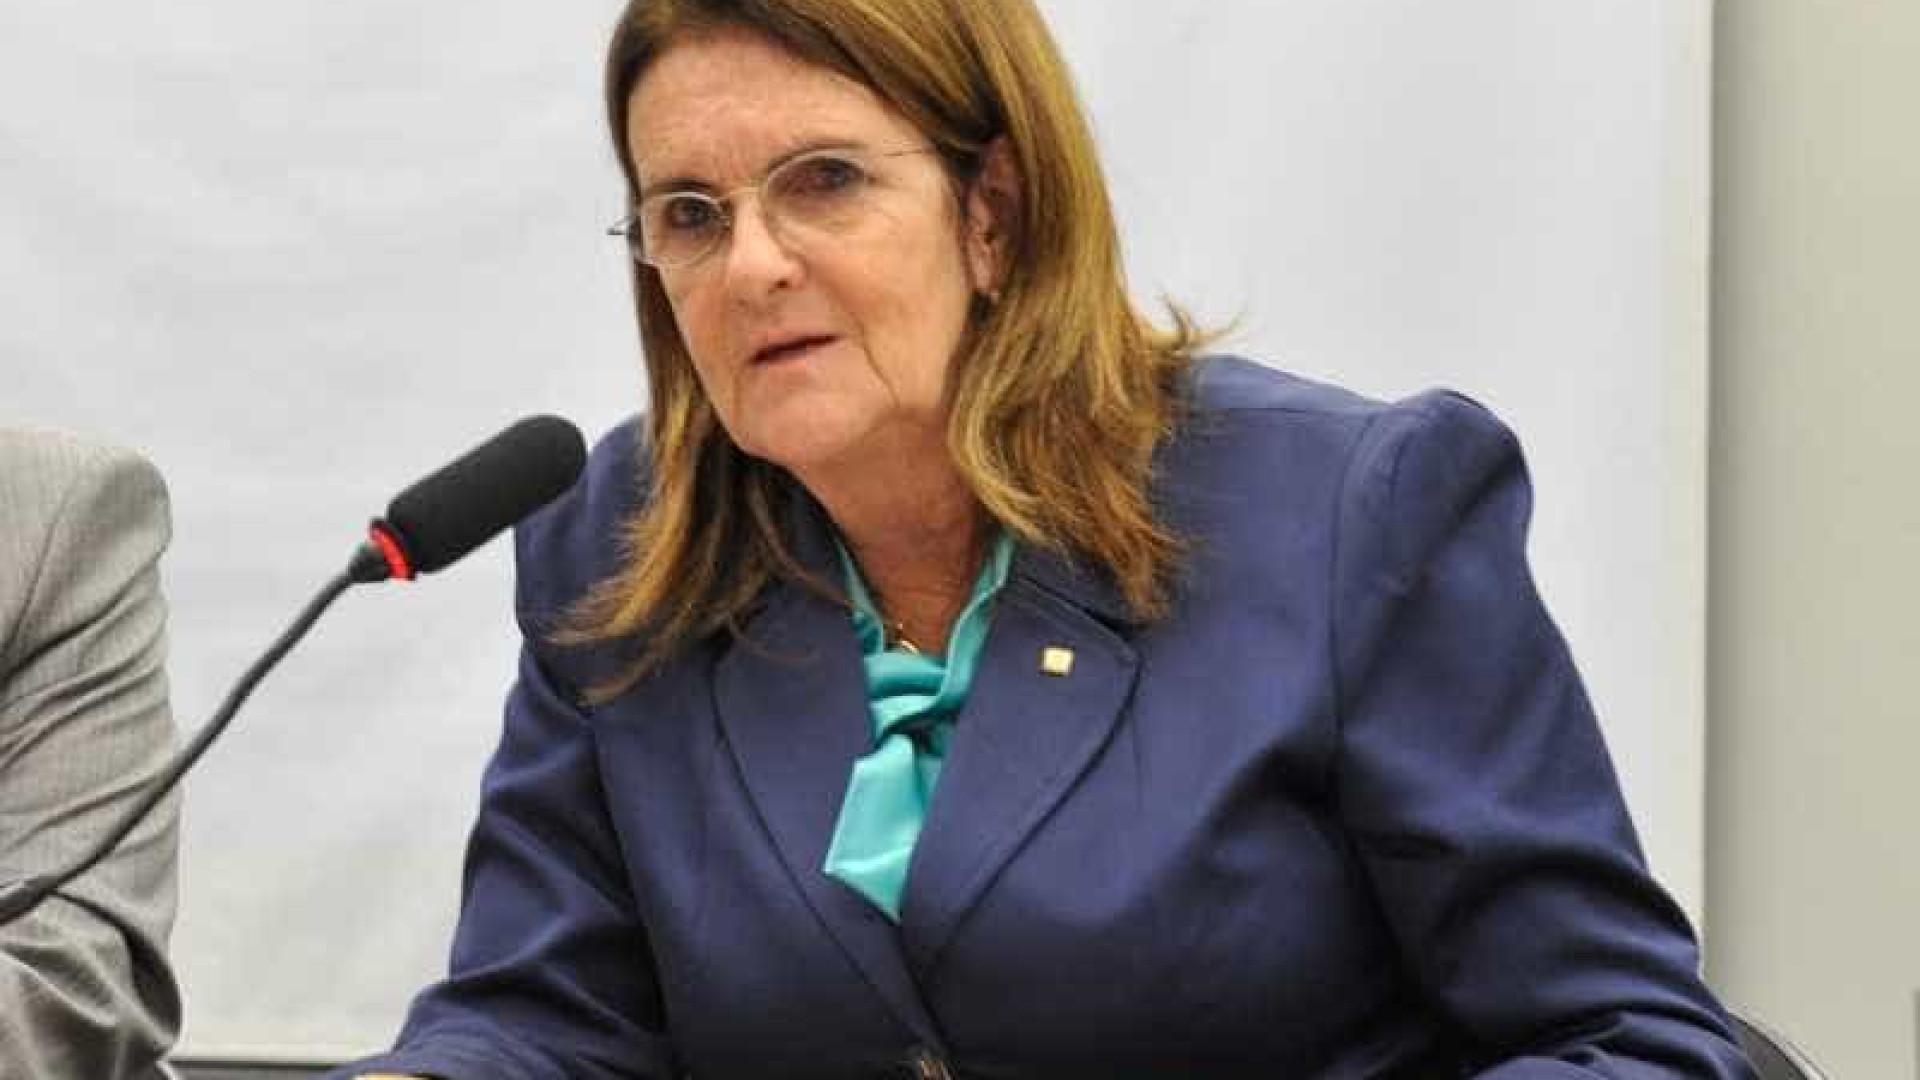 MPF denuncia Mantega e Foster por manipulação no preço da gasolina